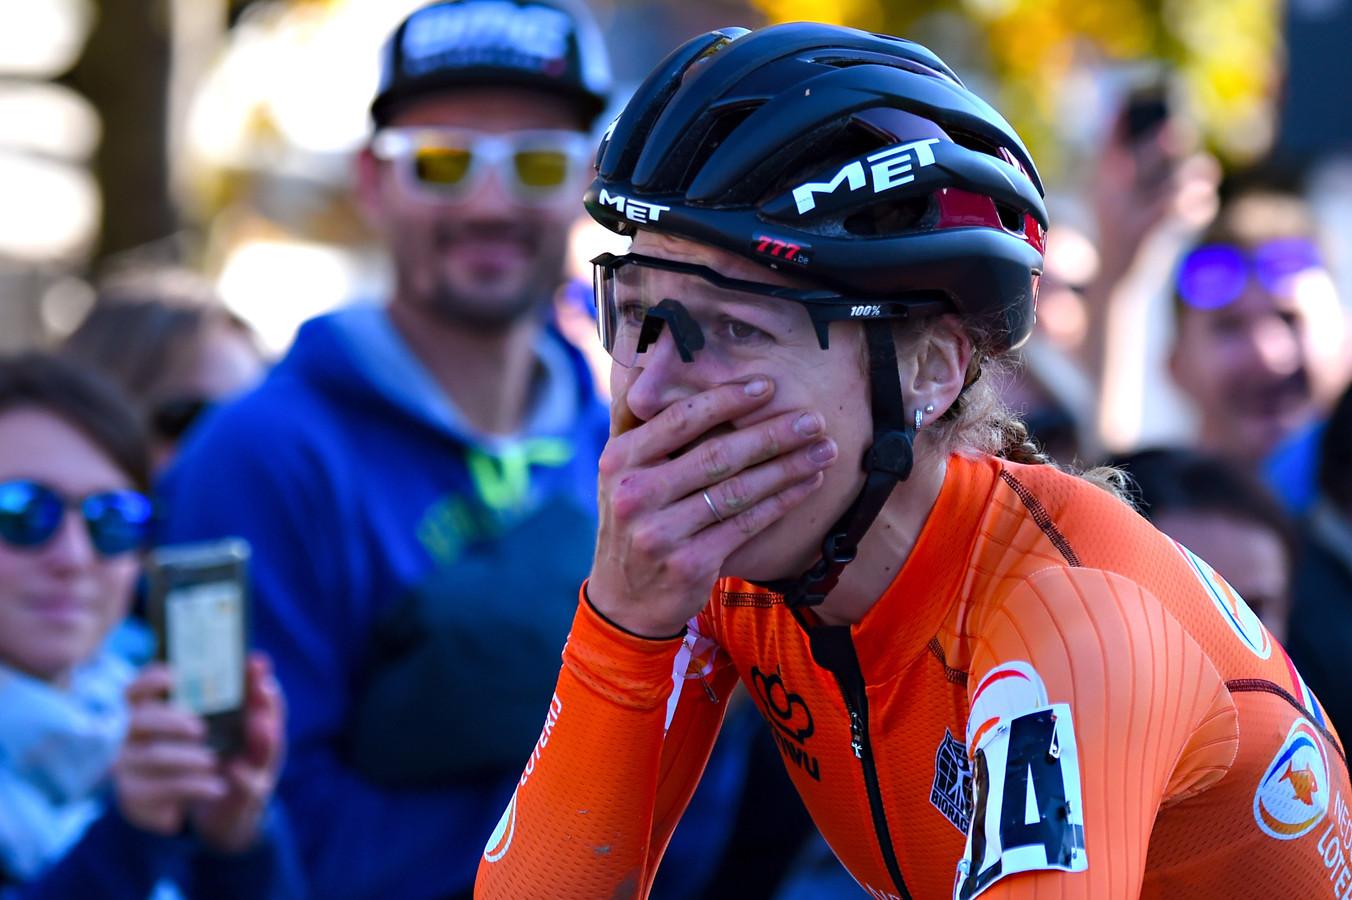 Yara Kastelijn tijdens de laatste editie van het EK veldrijden.